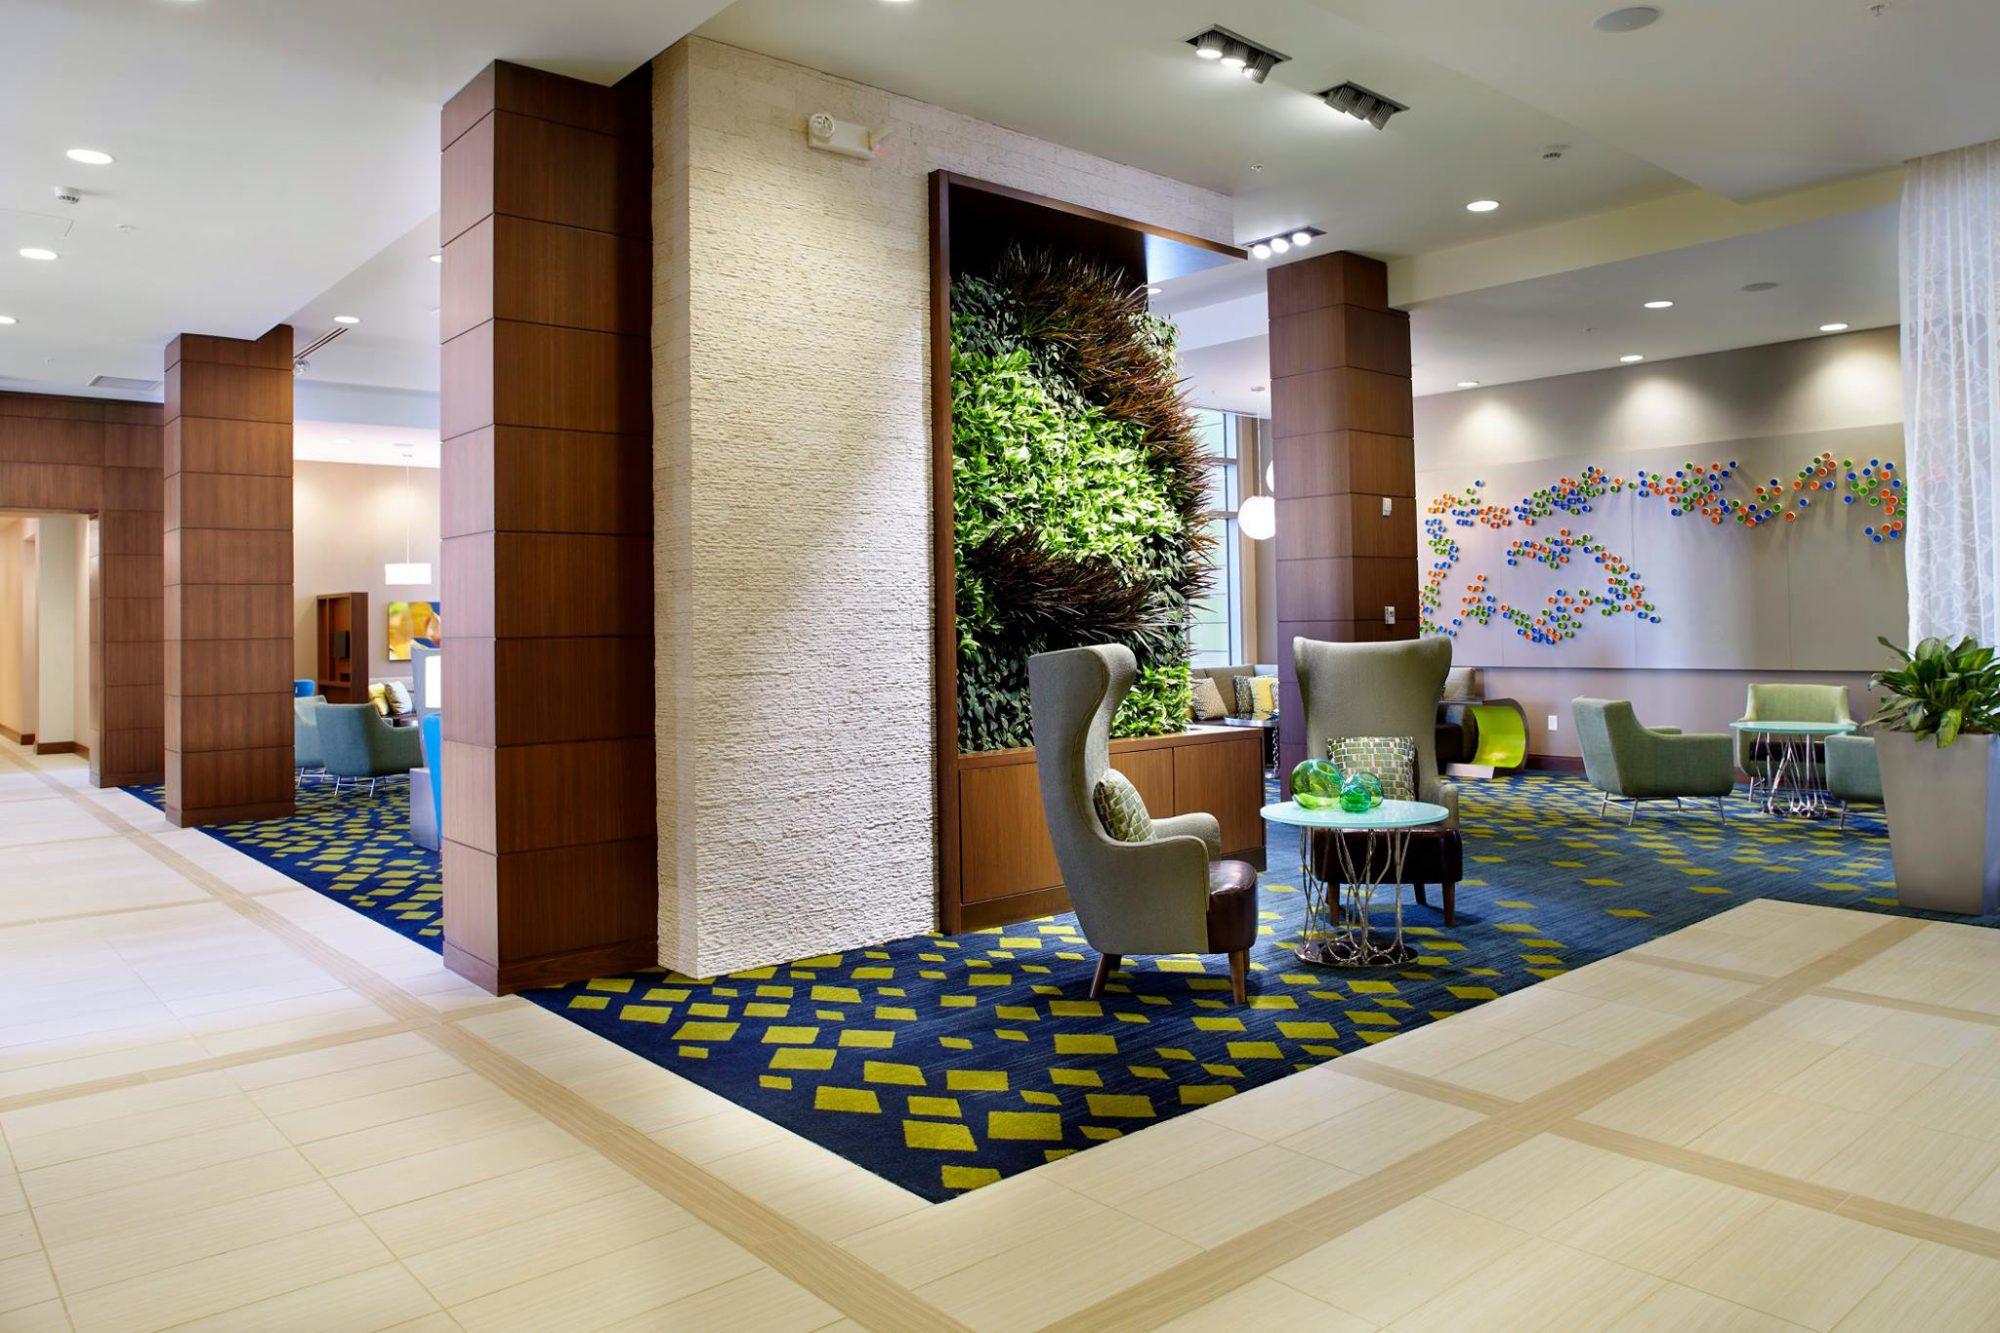 Residence Inn by Marriott 2